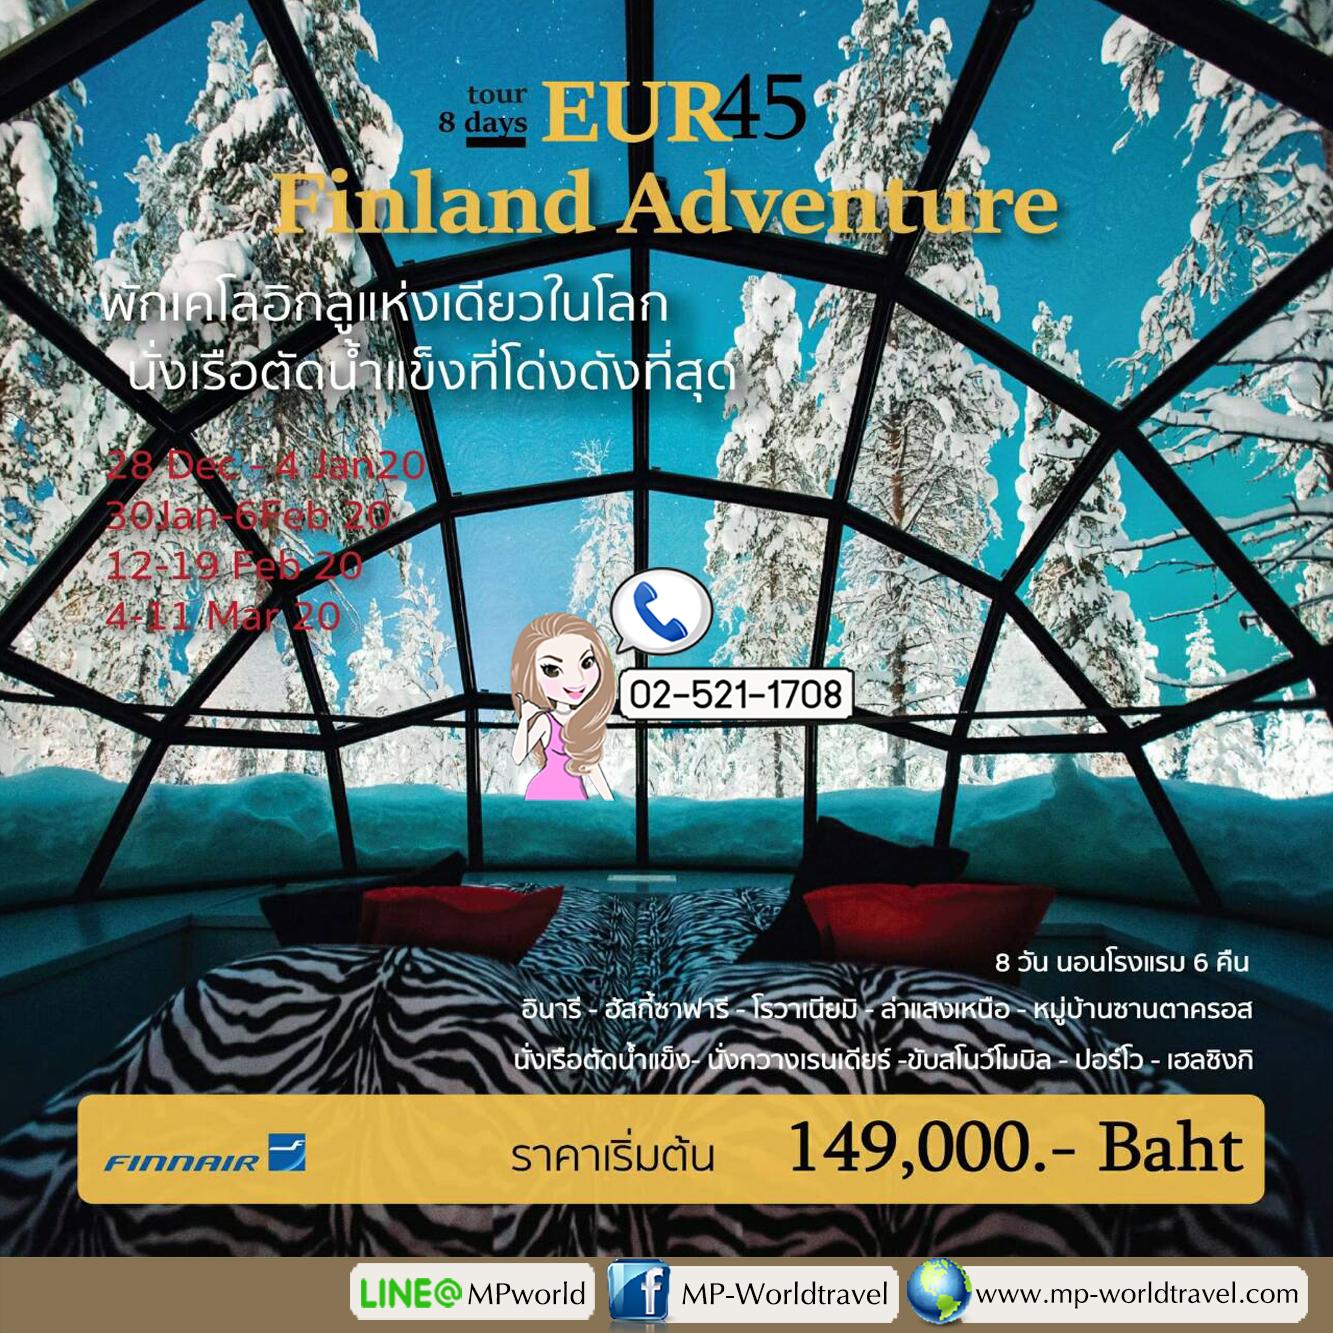 ทัวร์ยุโรป EUR45 Finland Adventure (Icebreaker) 8D 6N AY (New Year-Mar'20)